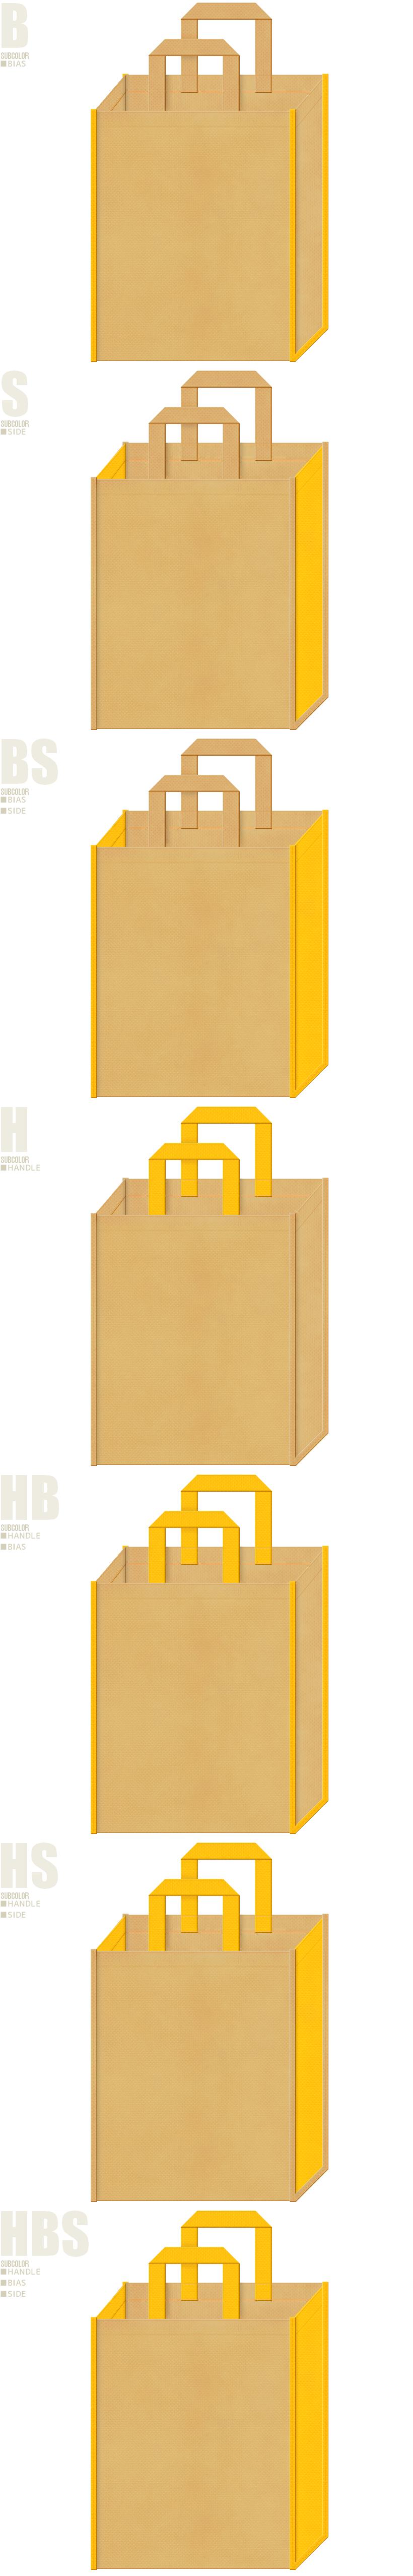 薄黄土色と黄色、7パターンの不織布トートバッグ配色デザイン例。はちみつ・マロンのイメージ。